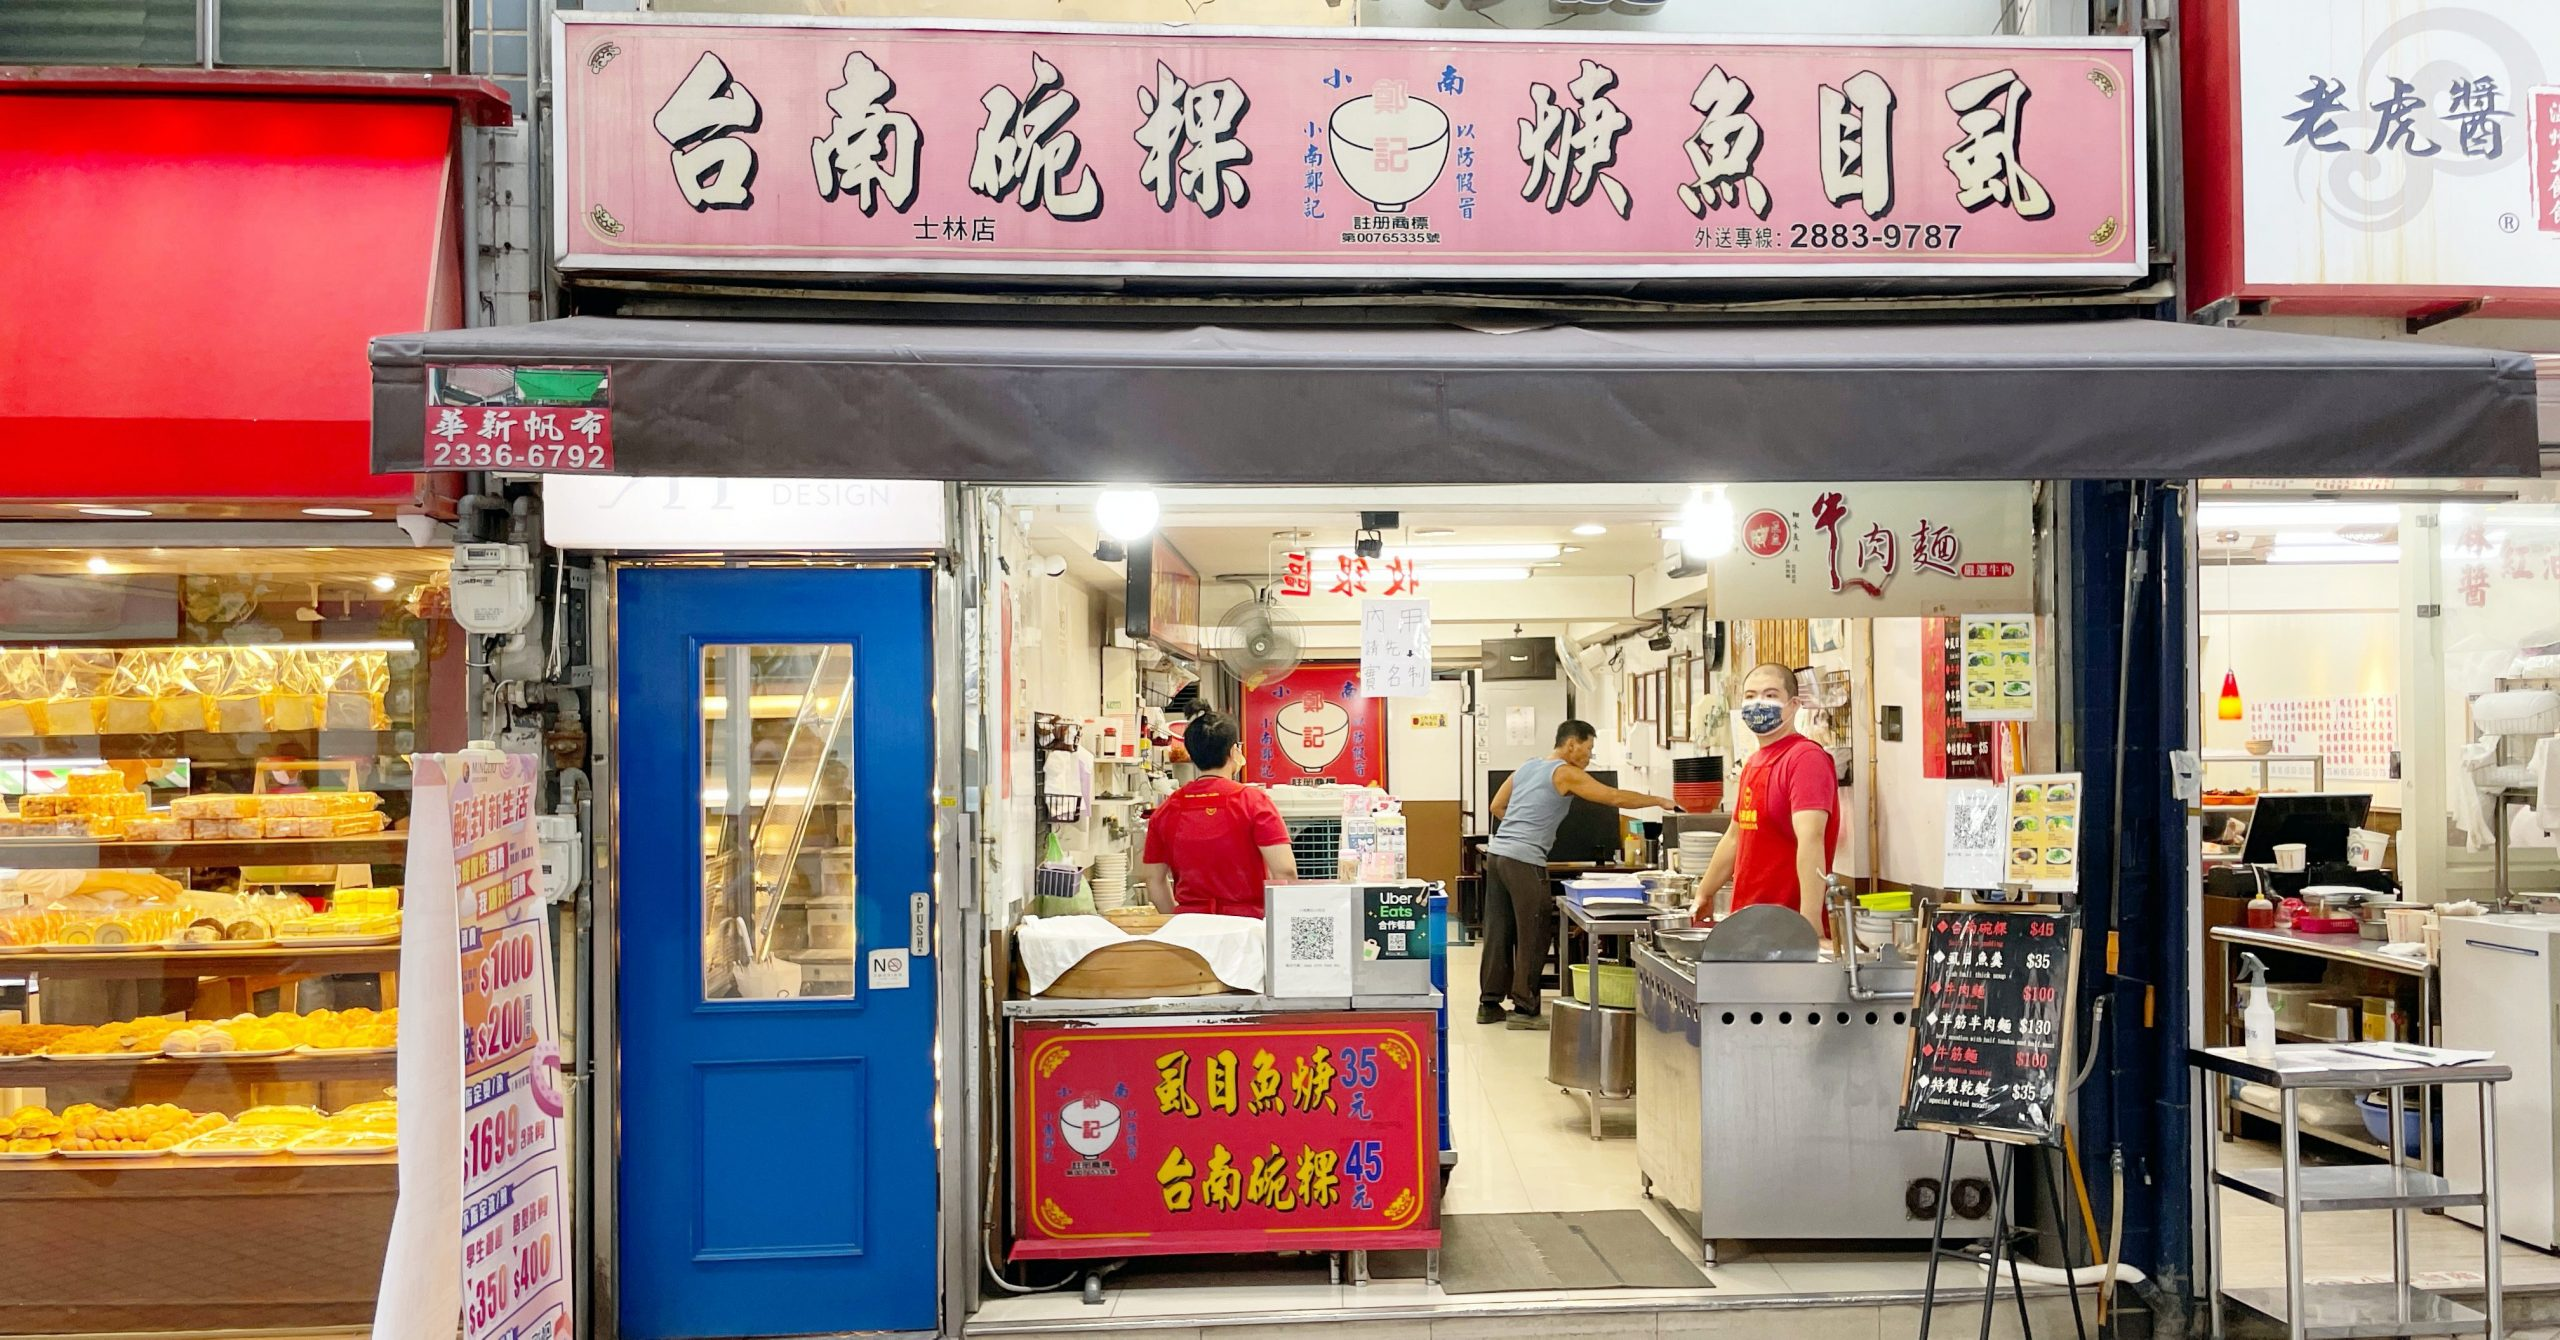 【士林美食】小南鄭記台南碗粿,碗粿真的有夠好吃